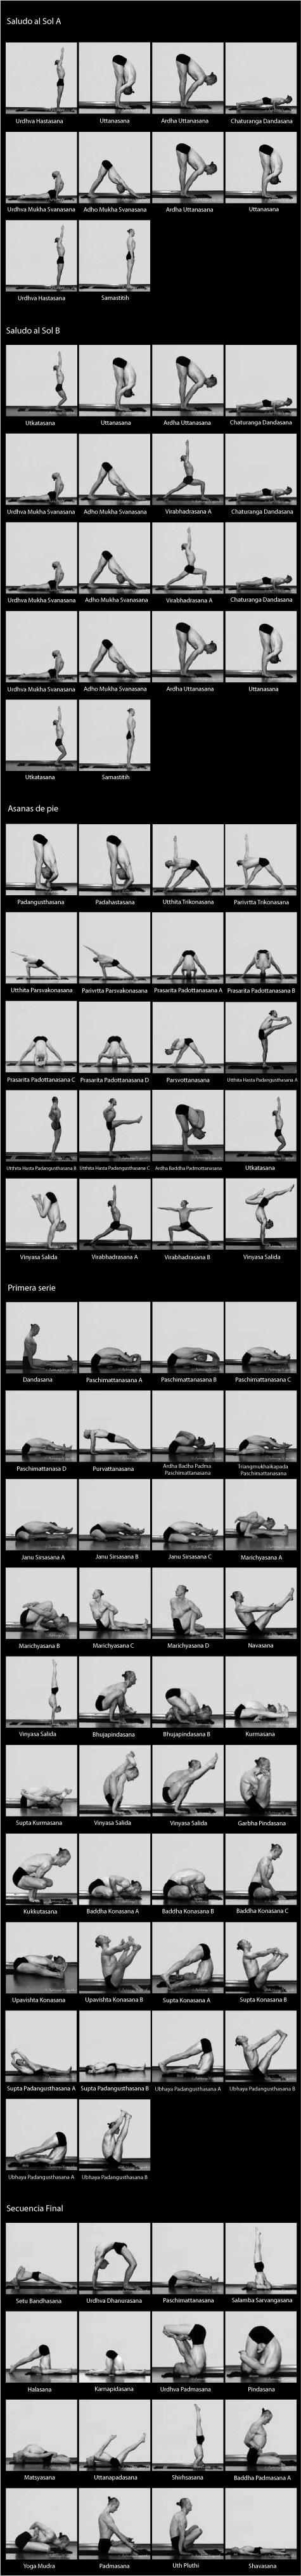 YOGA CHIKITSA: La primera serie de Ashtanga Yoga es conocida en sanscrito como Yoga Chikitsa, que significa Yoga Terapia. Es un proceso de sanación, limpieza y tonificación para el cuerpo, me...